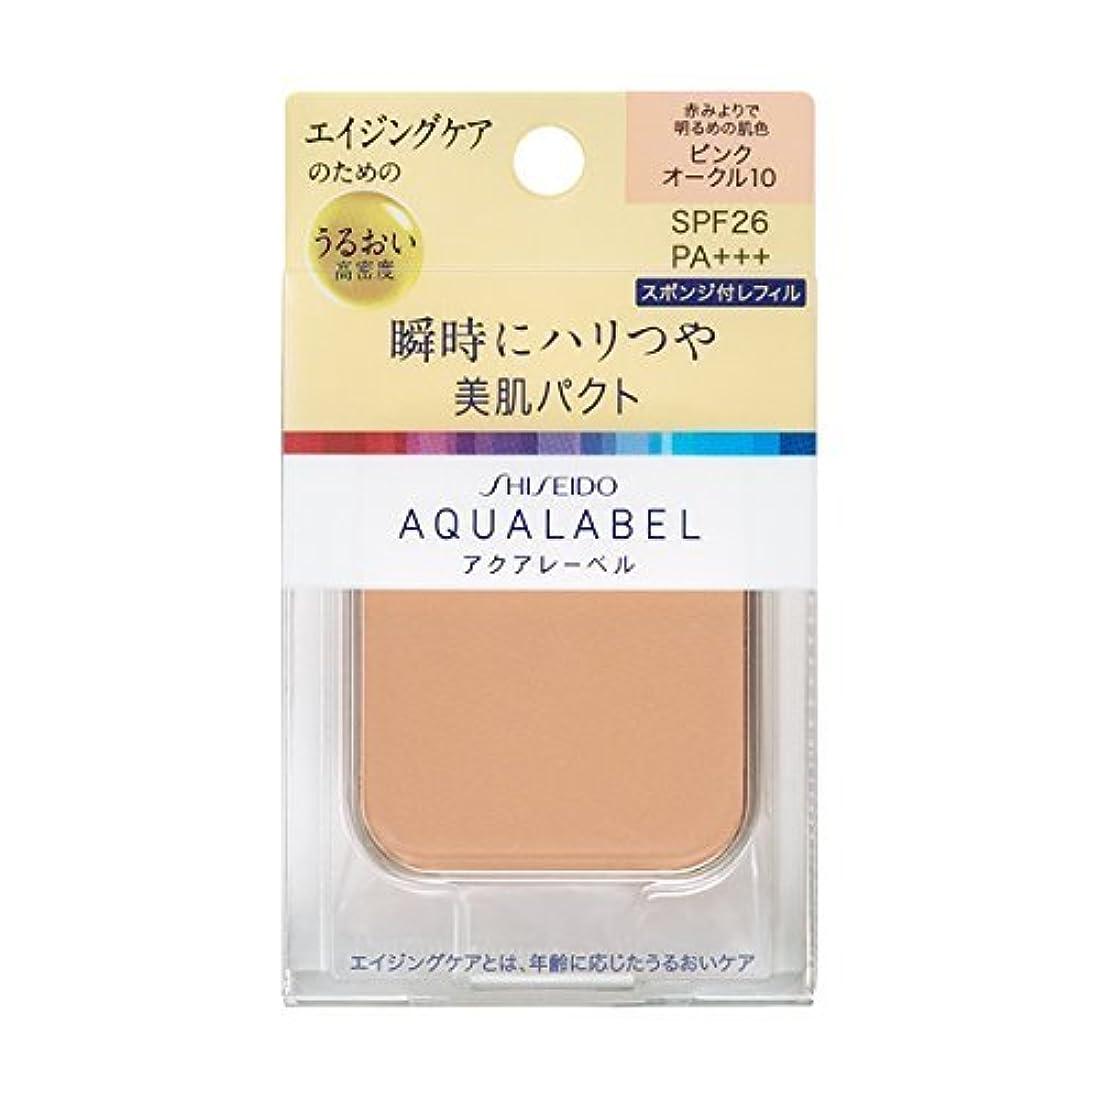 解くみすぼらしい里親アクアレーベル 明るいつや肌パクト ピンクオークル10 (レフィル) 11.5g×3個